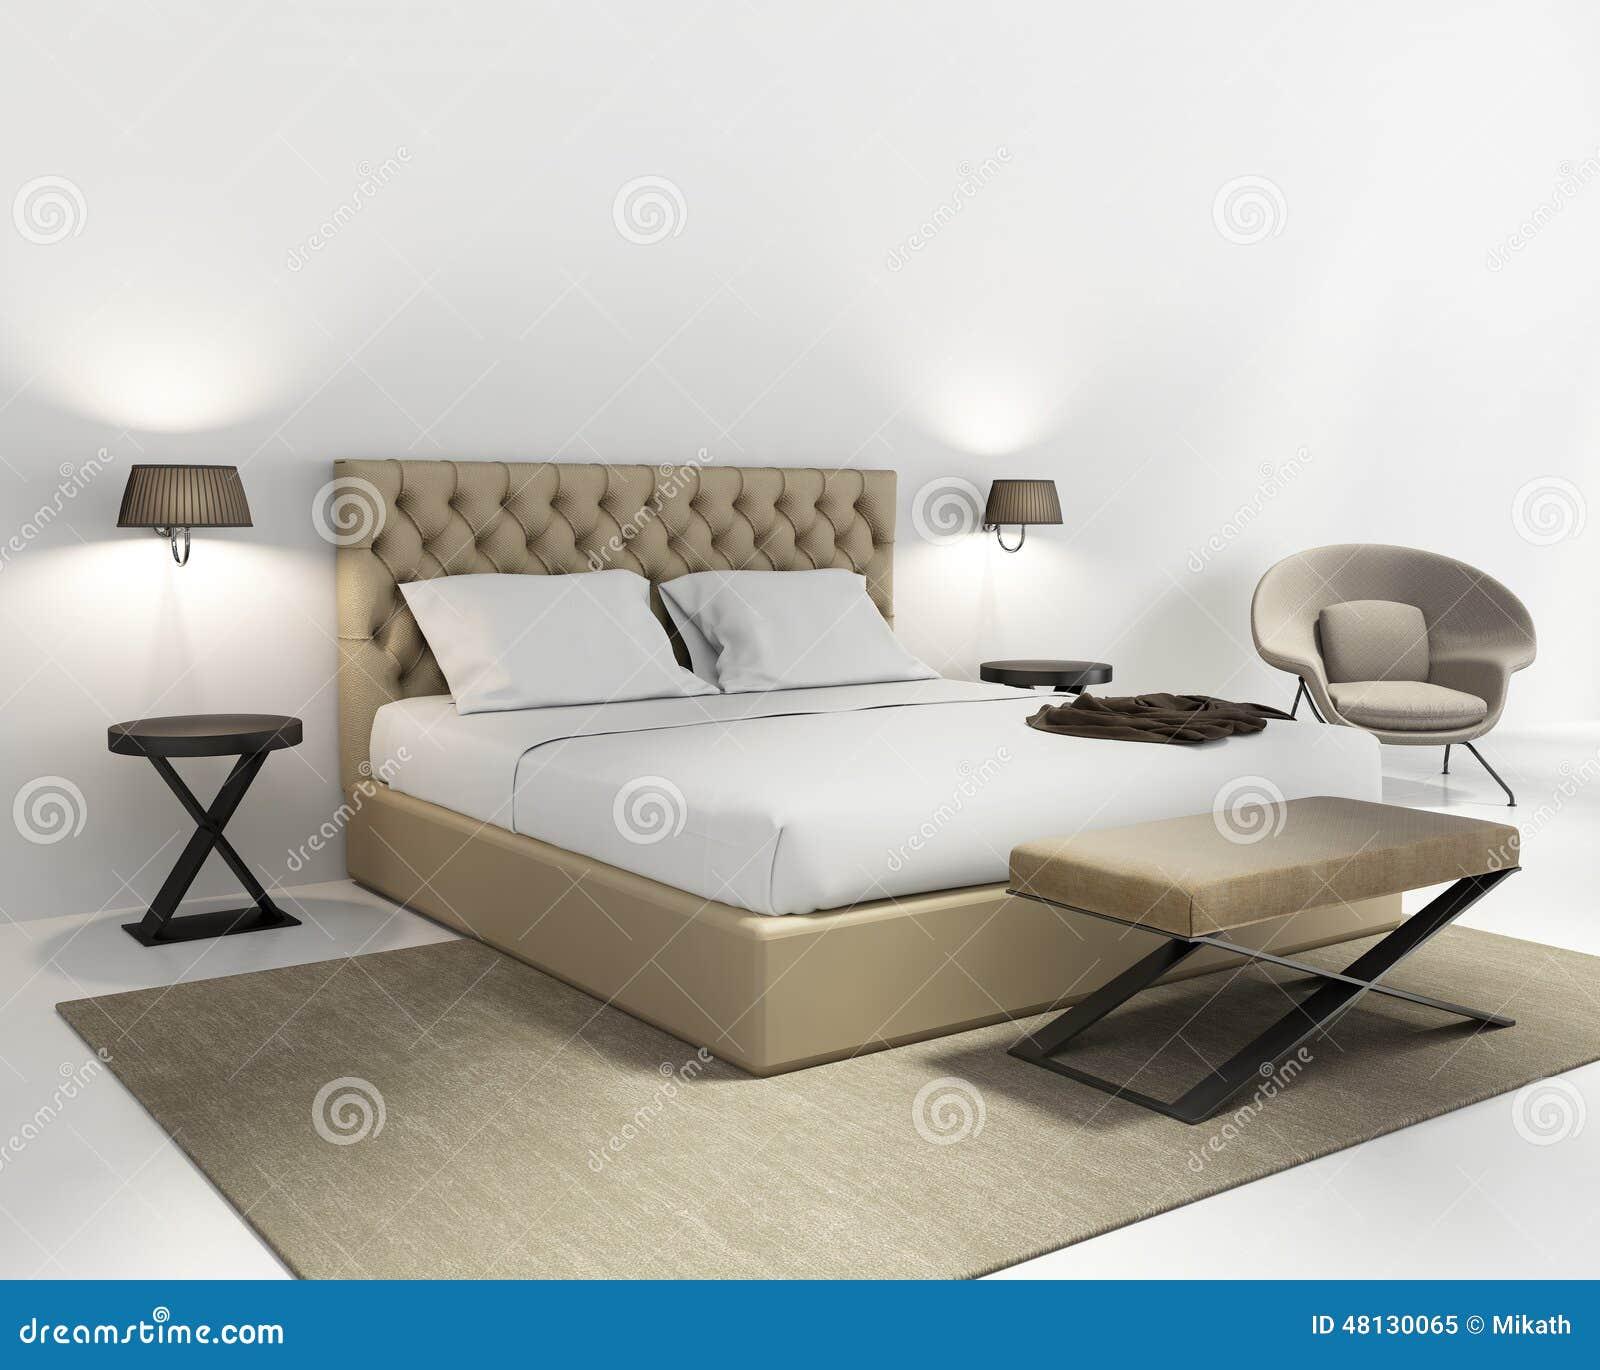 Fauteuil pour chambre a coucher fauteuil bergre une icne for Fauteuil pour chambre adulte